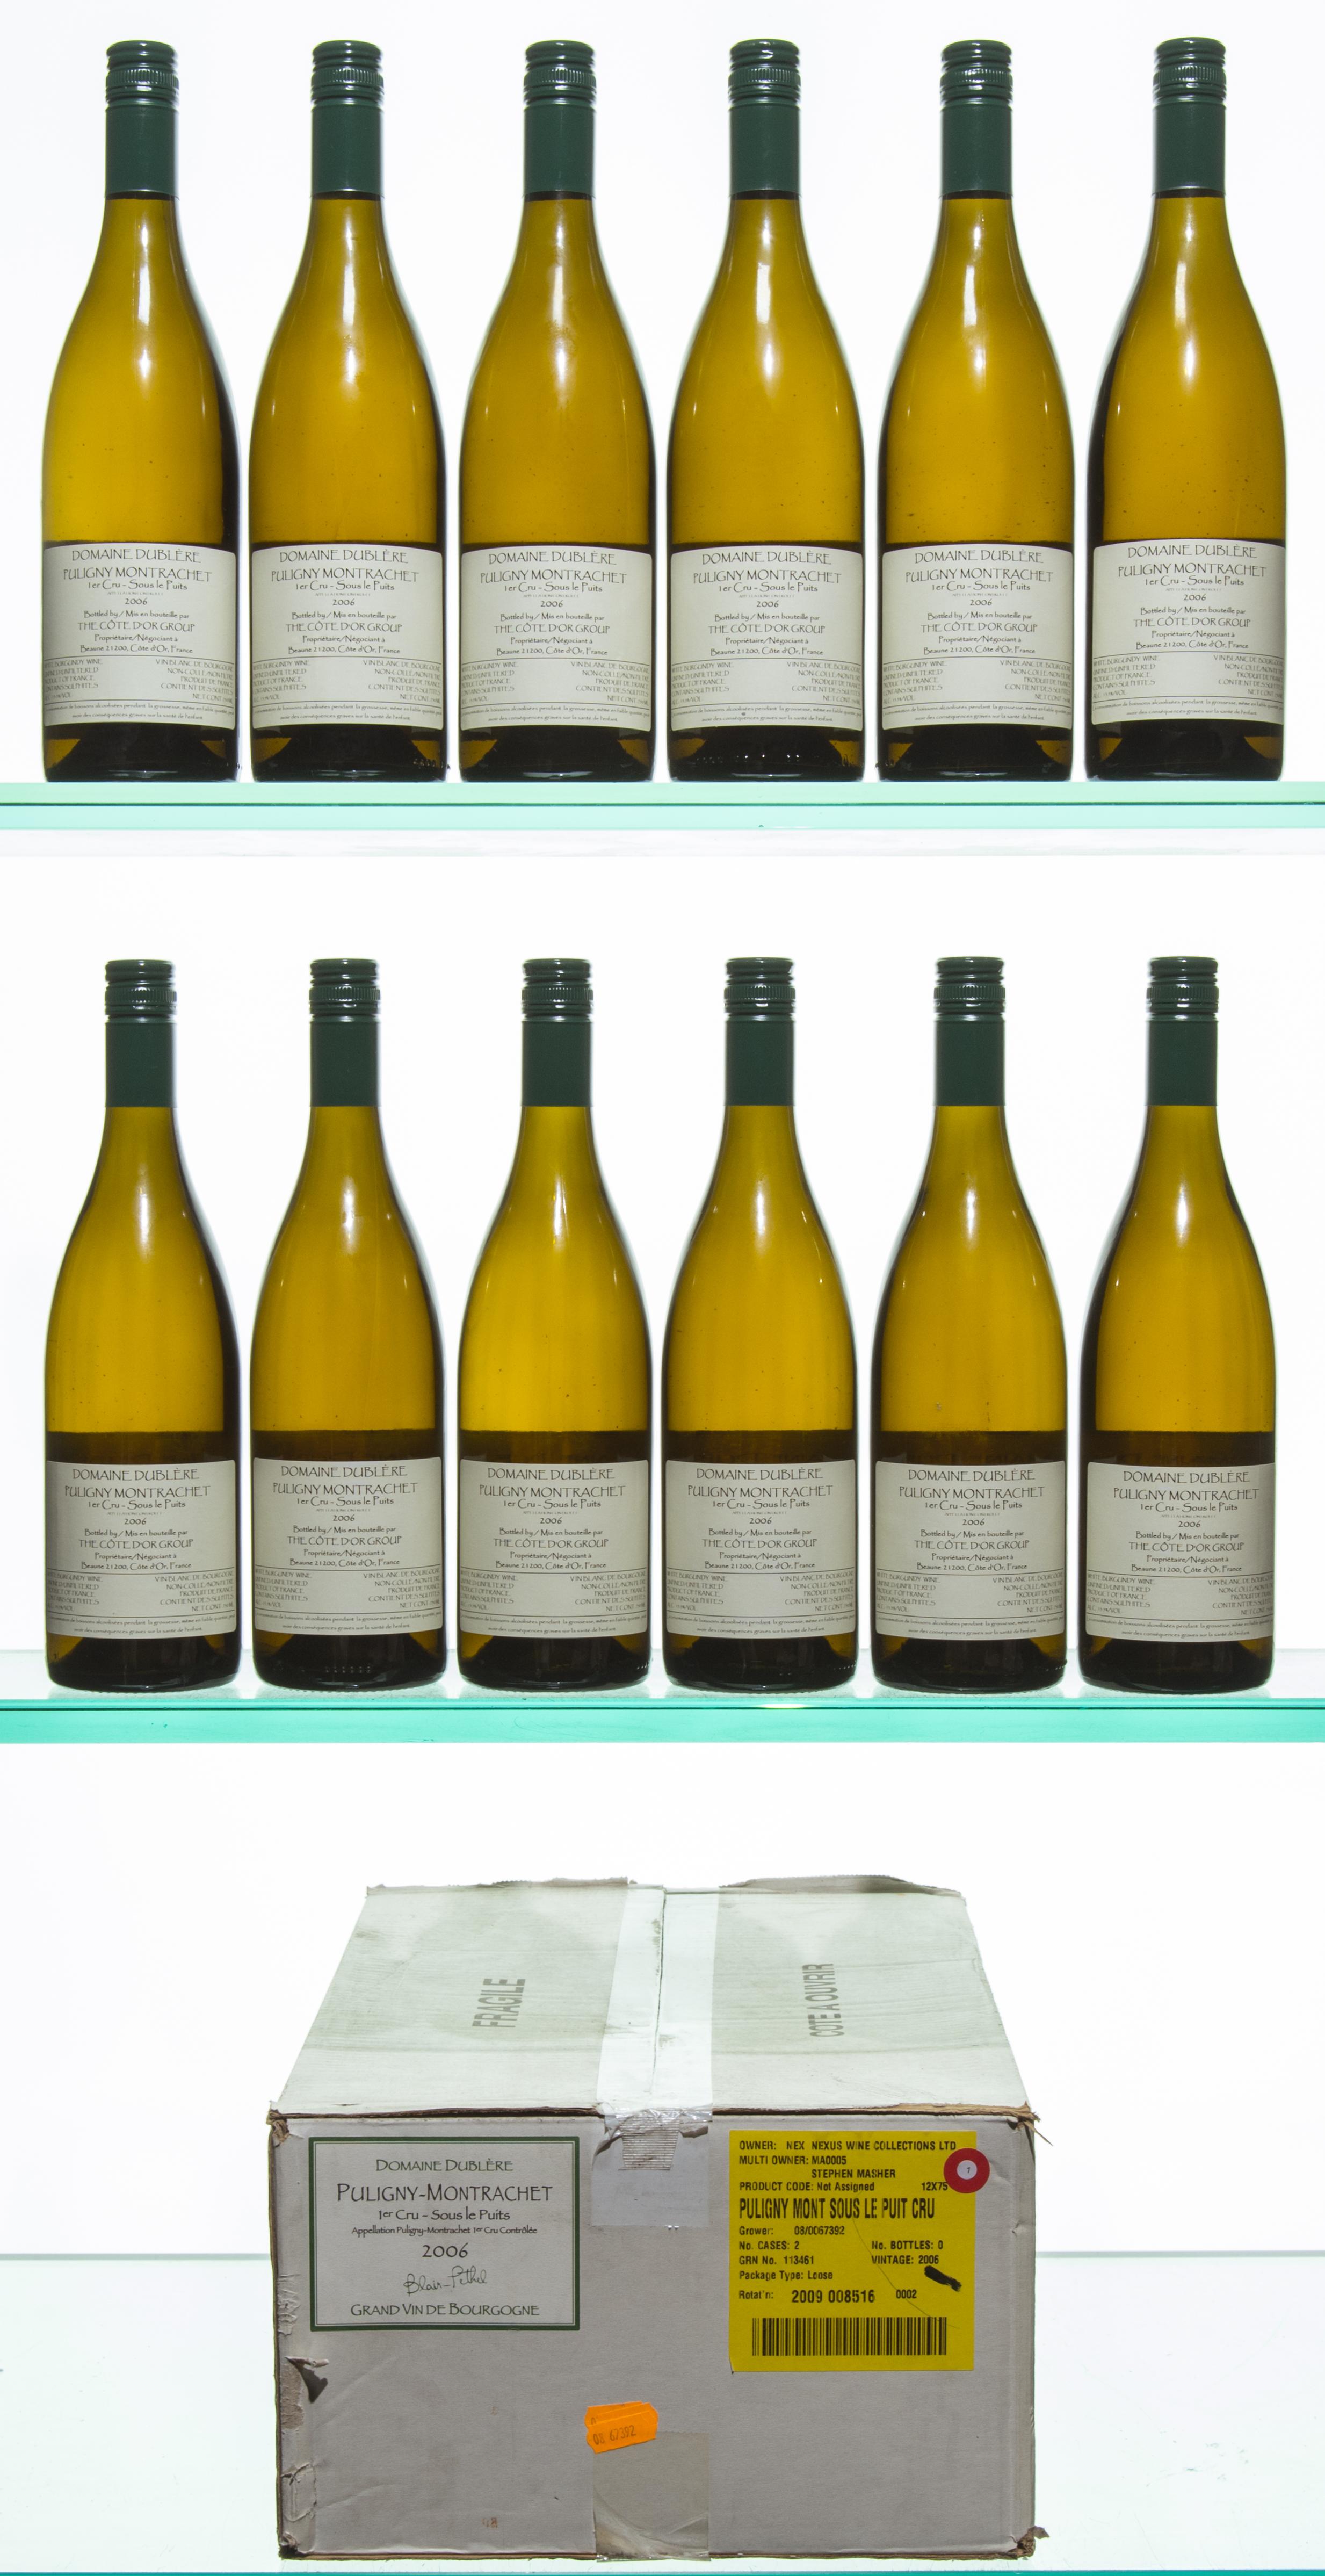 i.b.12 bts Puligny Montrachet Sous le Puits 1er Cru 2006 oc Dublere